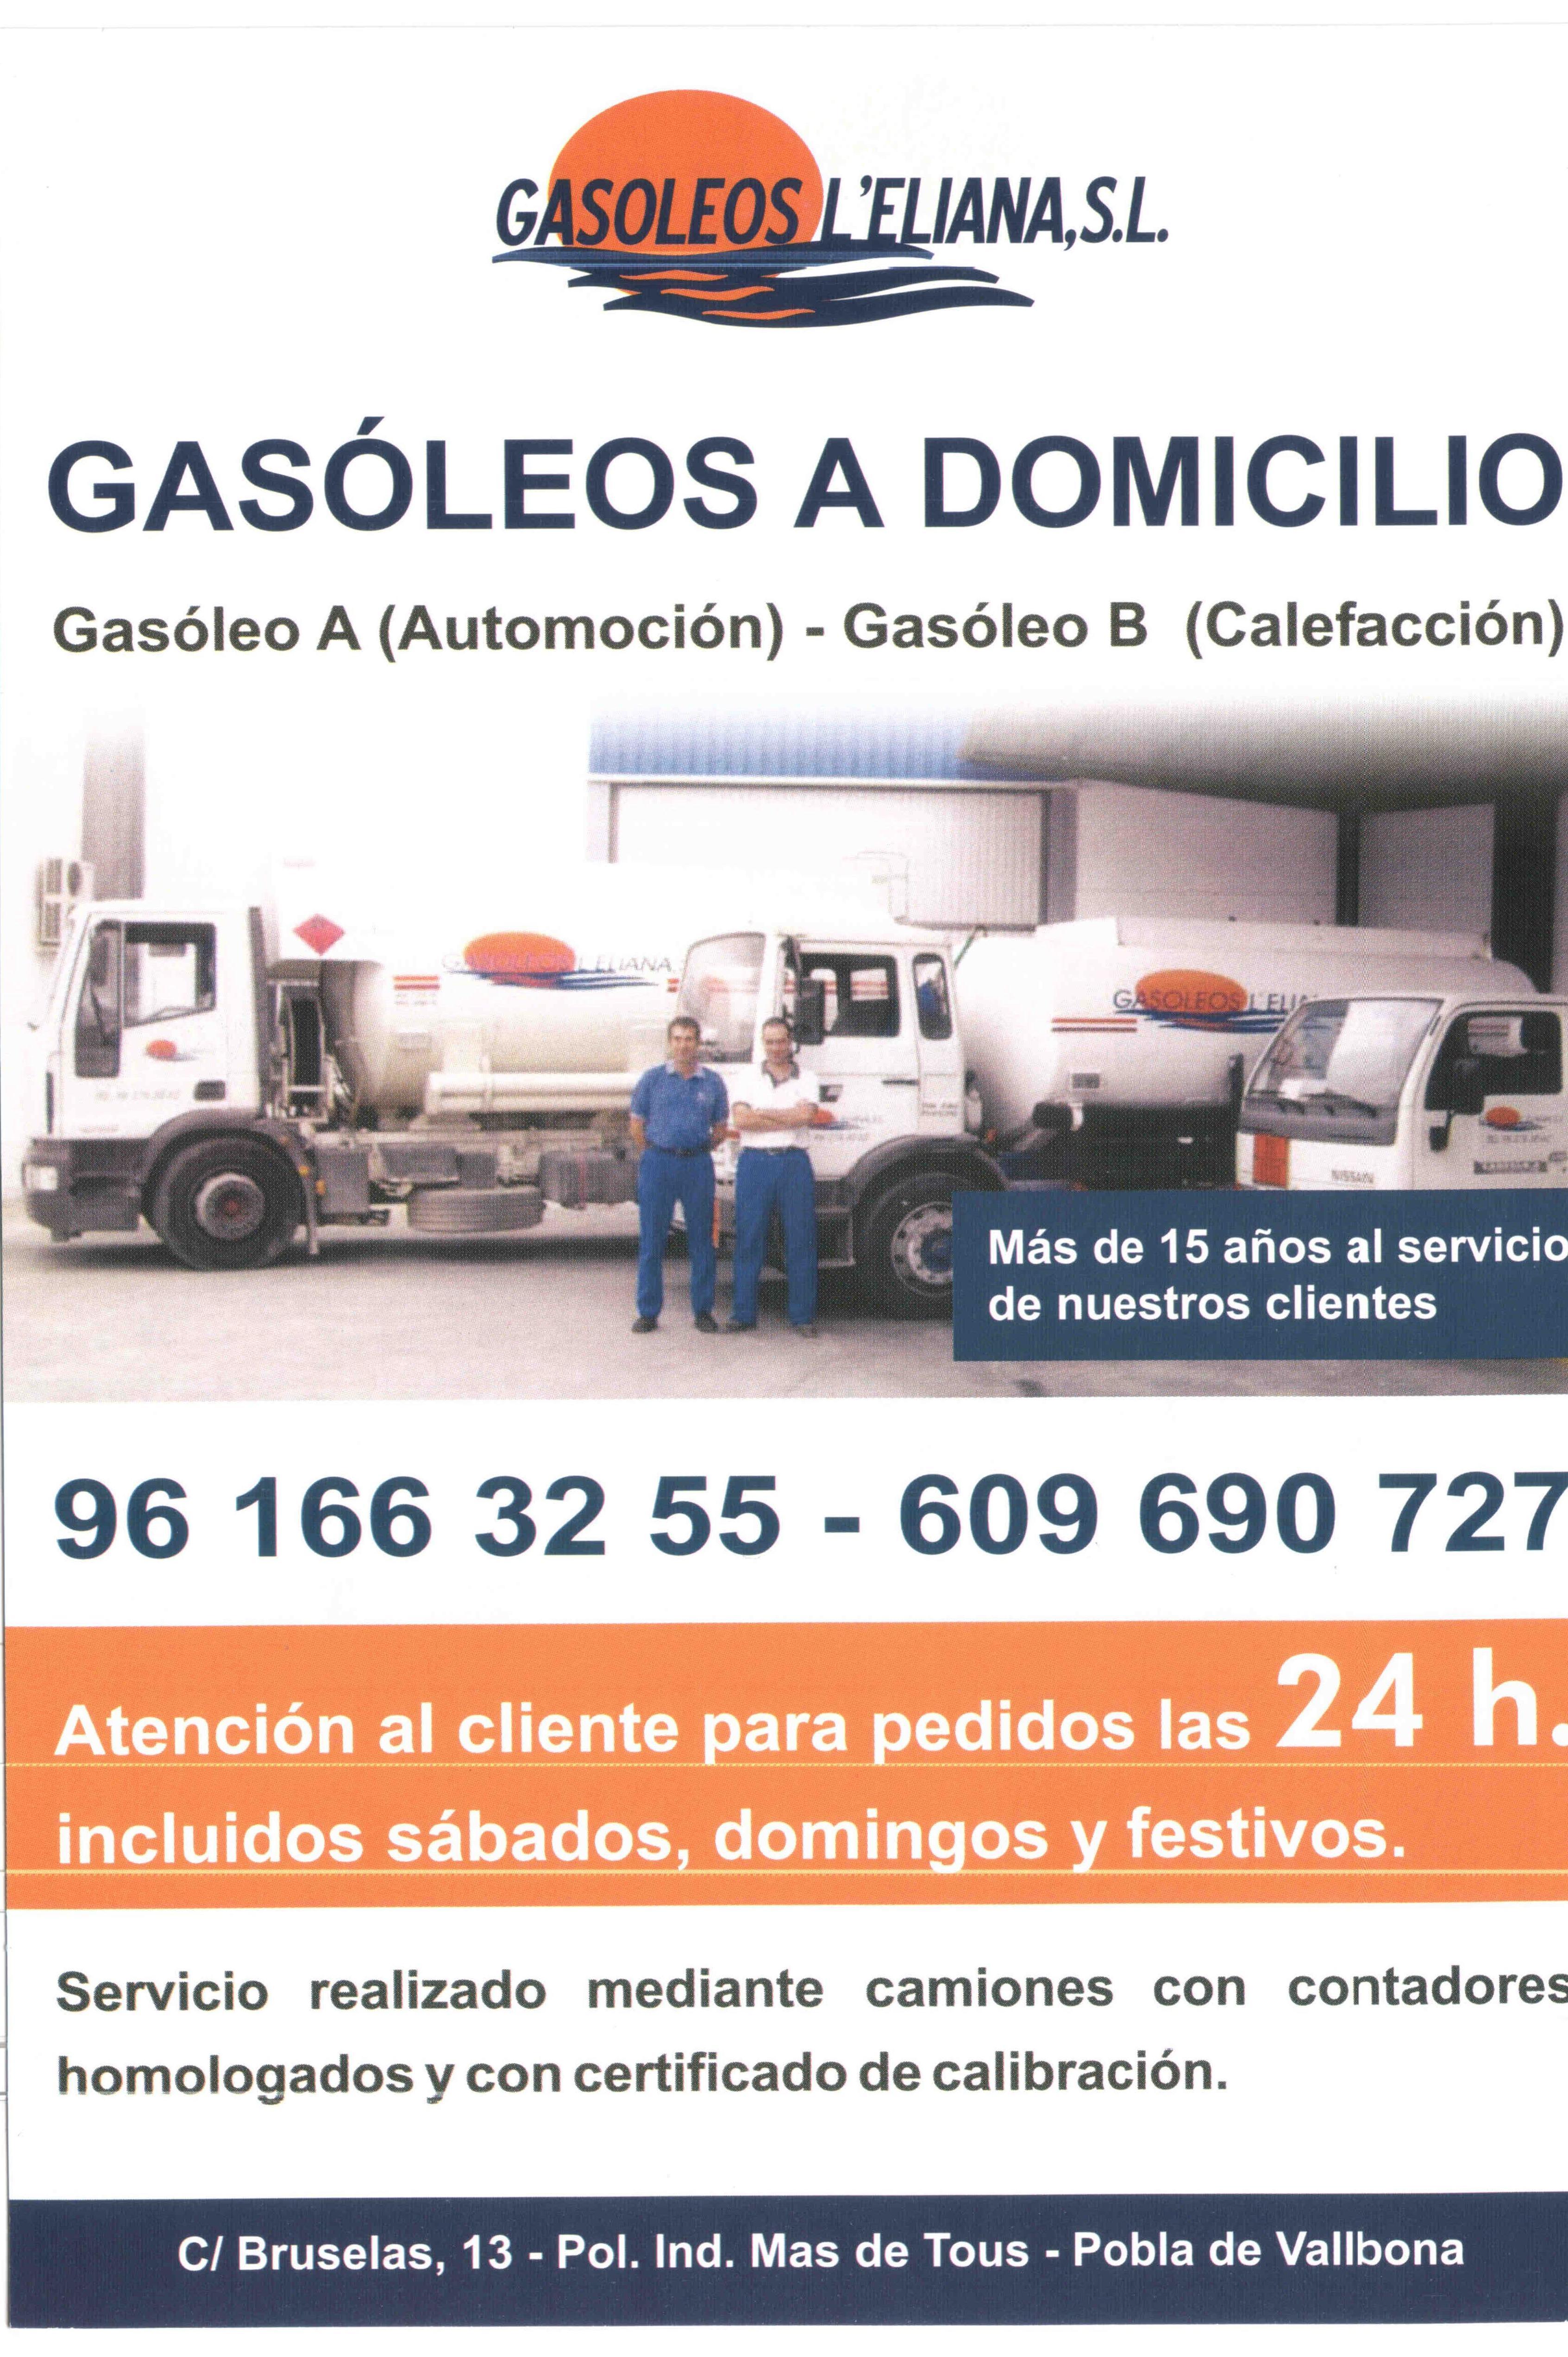 Foto 16 de Gasóleo en La Pobla de Vallbona | Gasóleos L'Eliana,S.L.